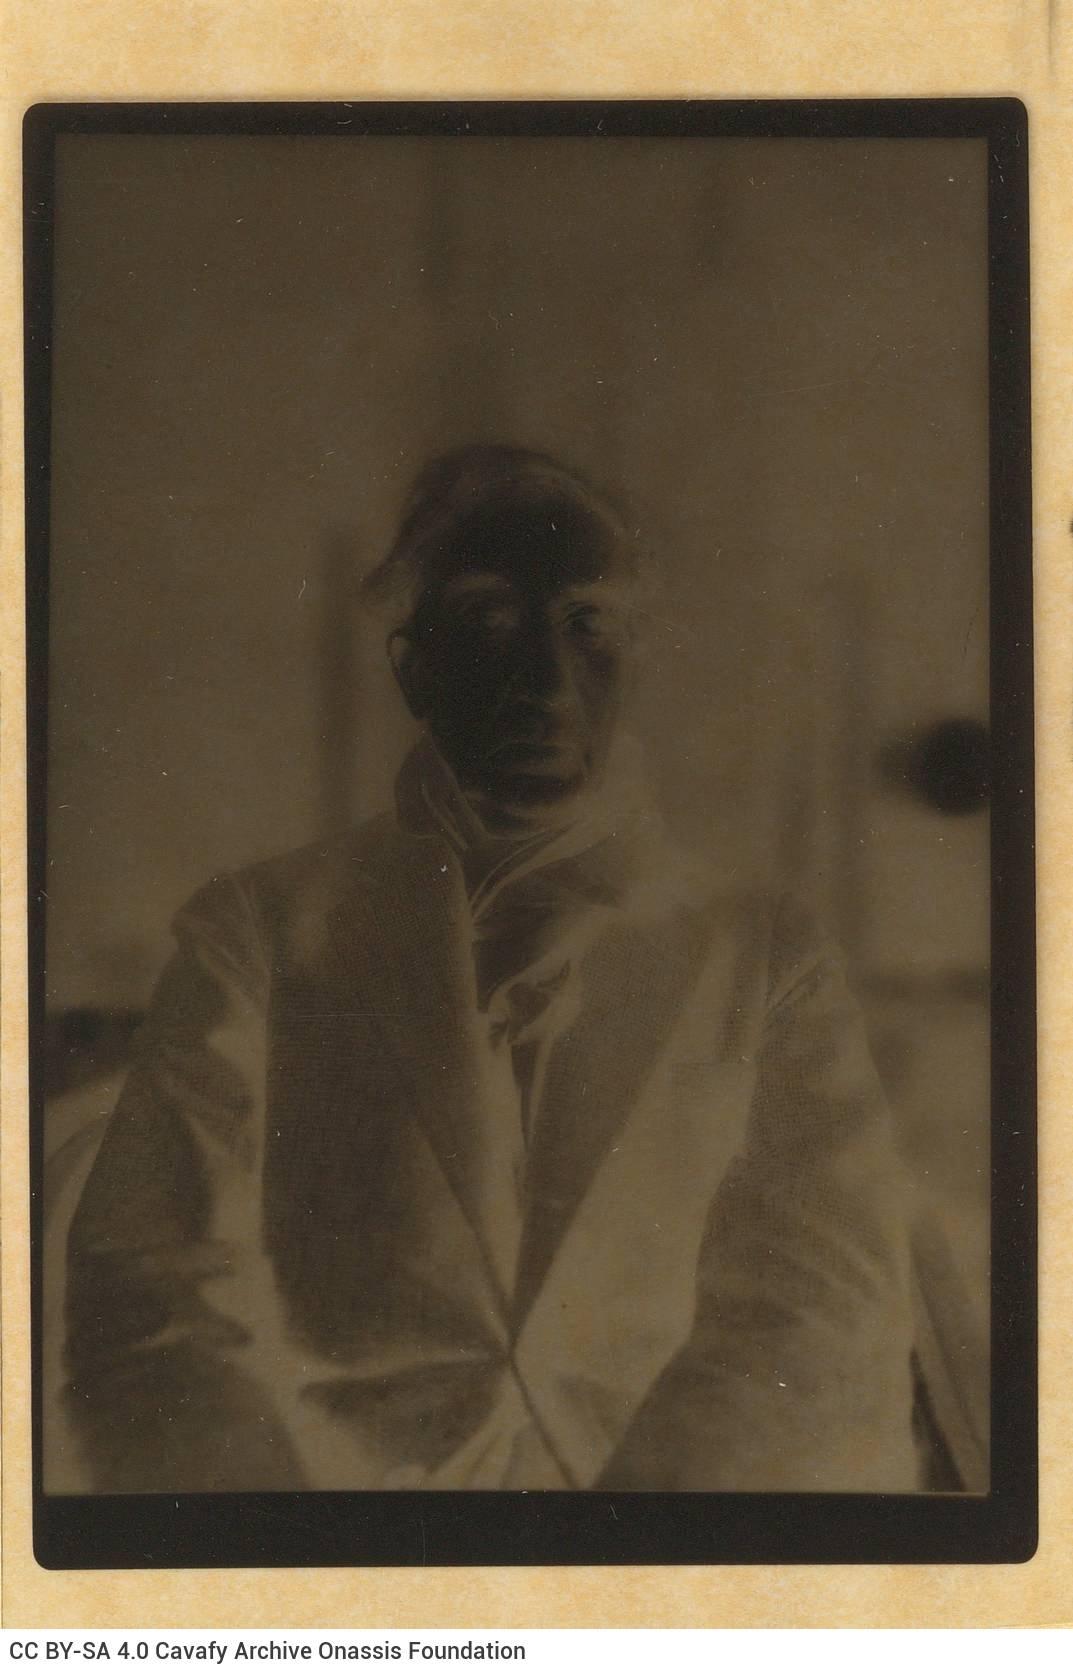 Αρνητικό σε φιλμ του φωτογραφικού πορτρέτου του Καβάφη, που τραβήχτ�